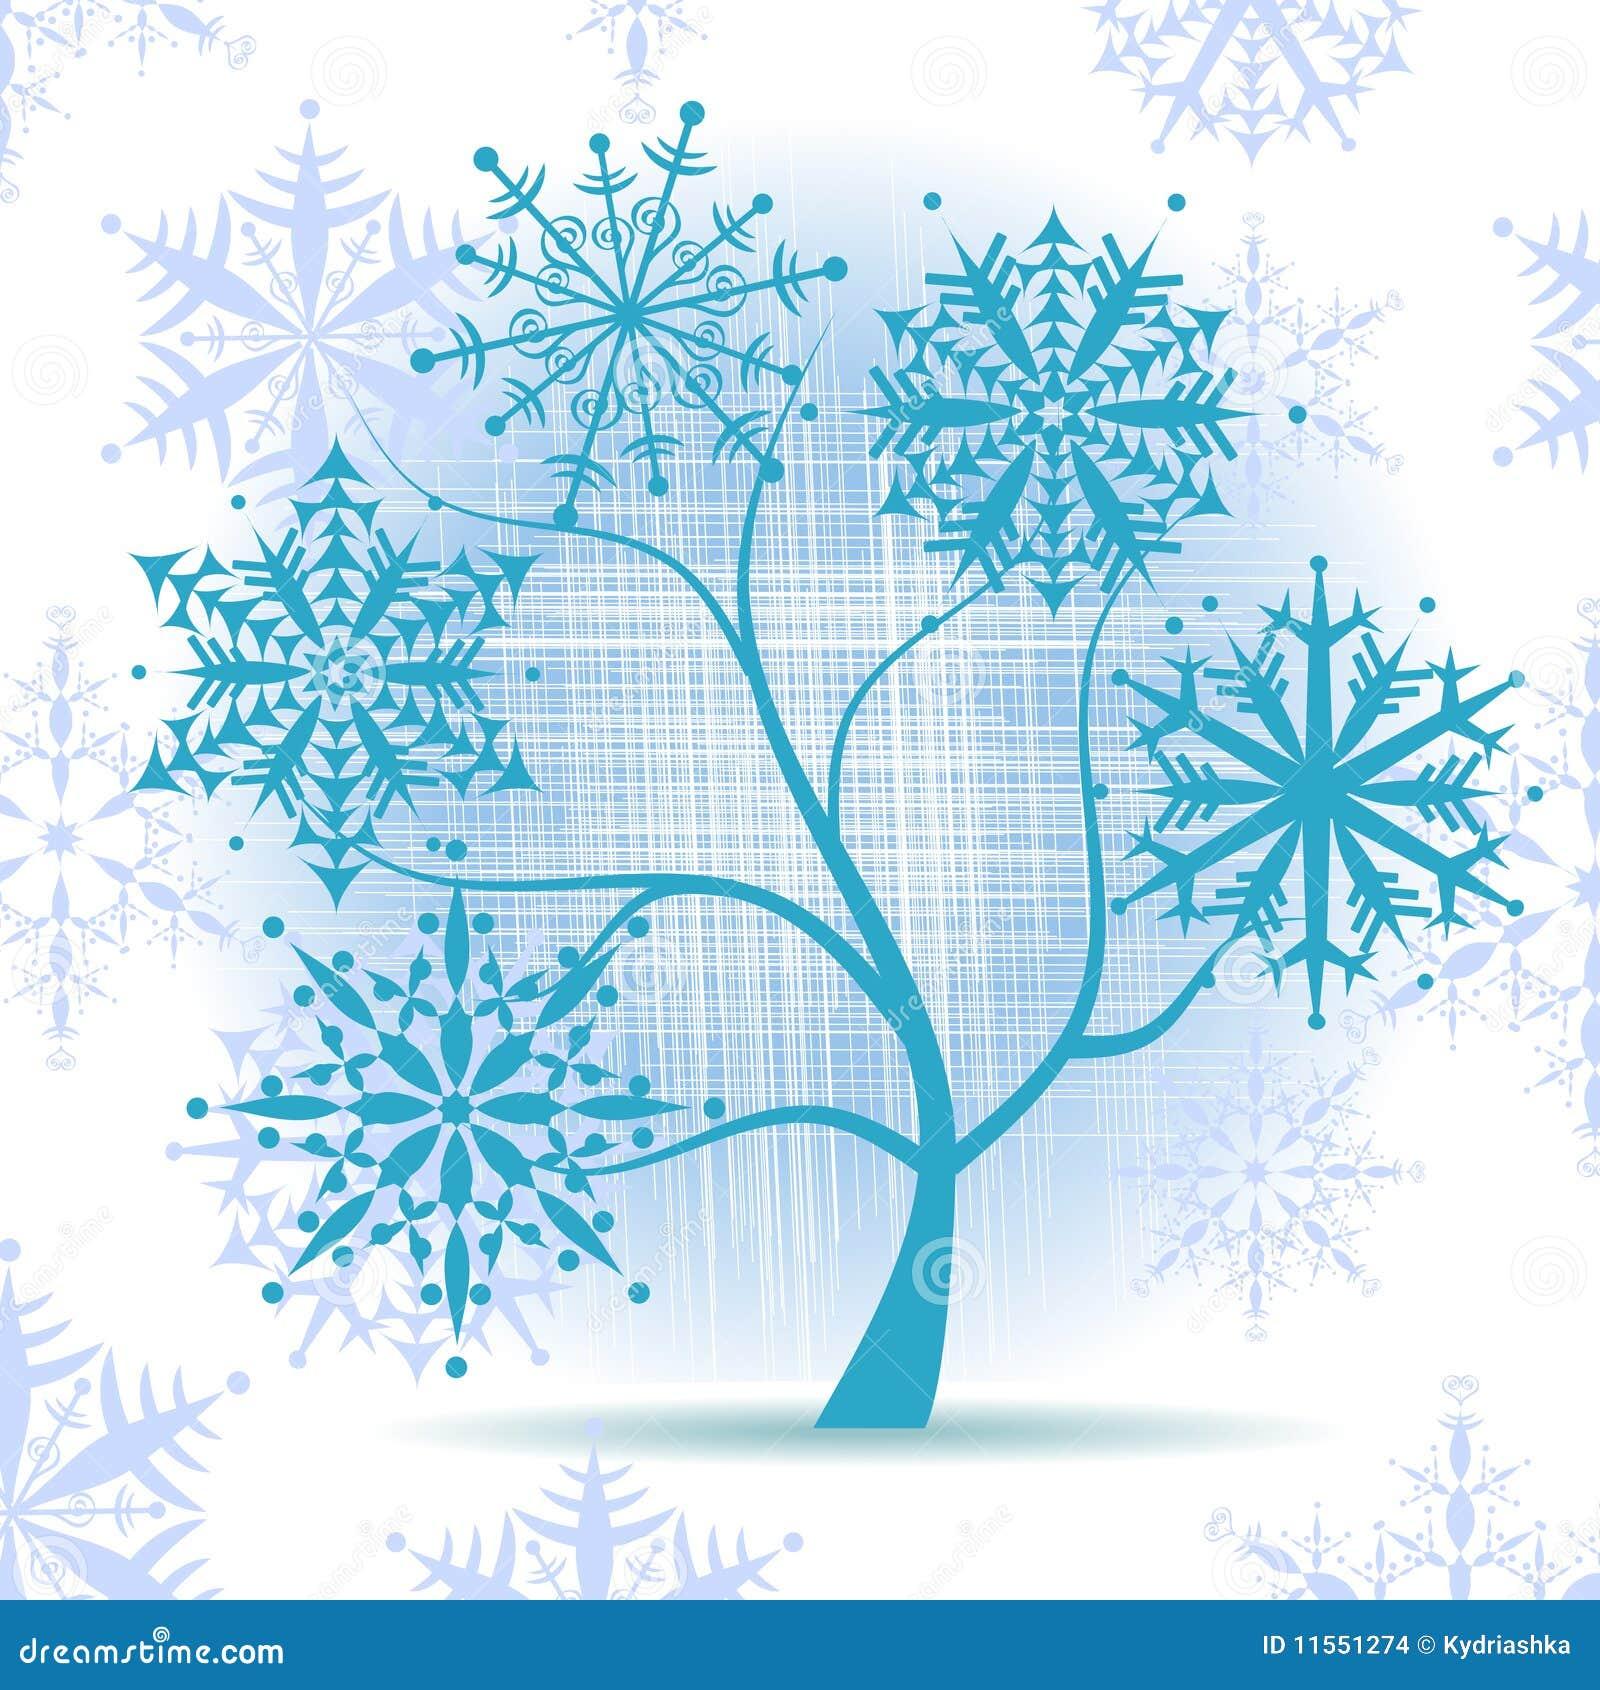 Rbol del invierno copos de nieve d a de fiesta de la - Arbol navidad nieve ...